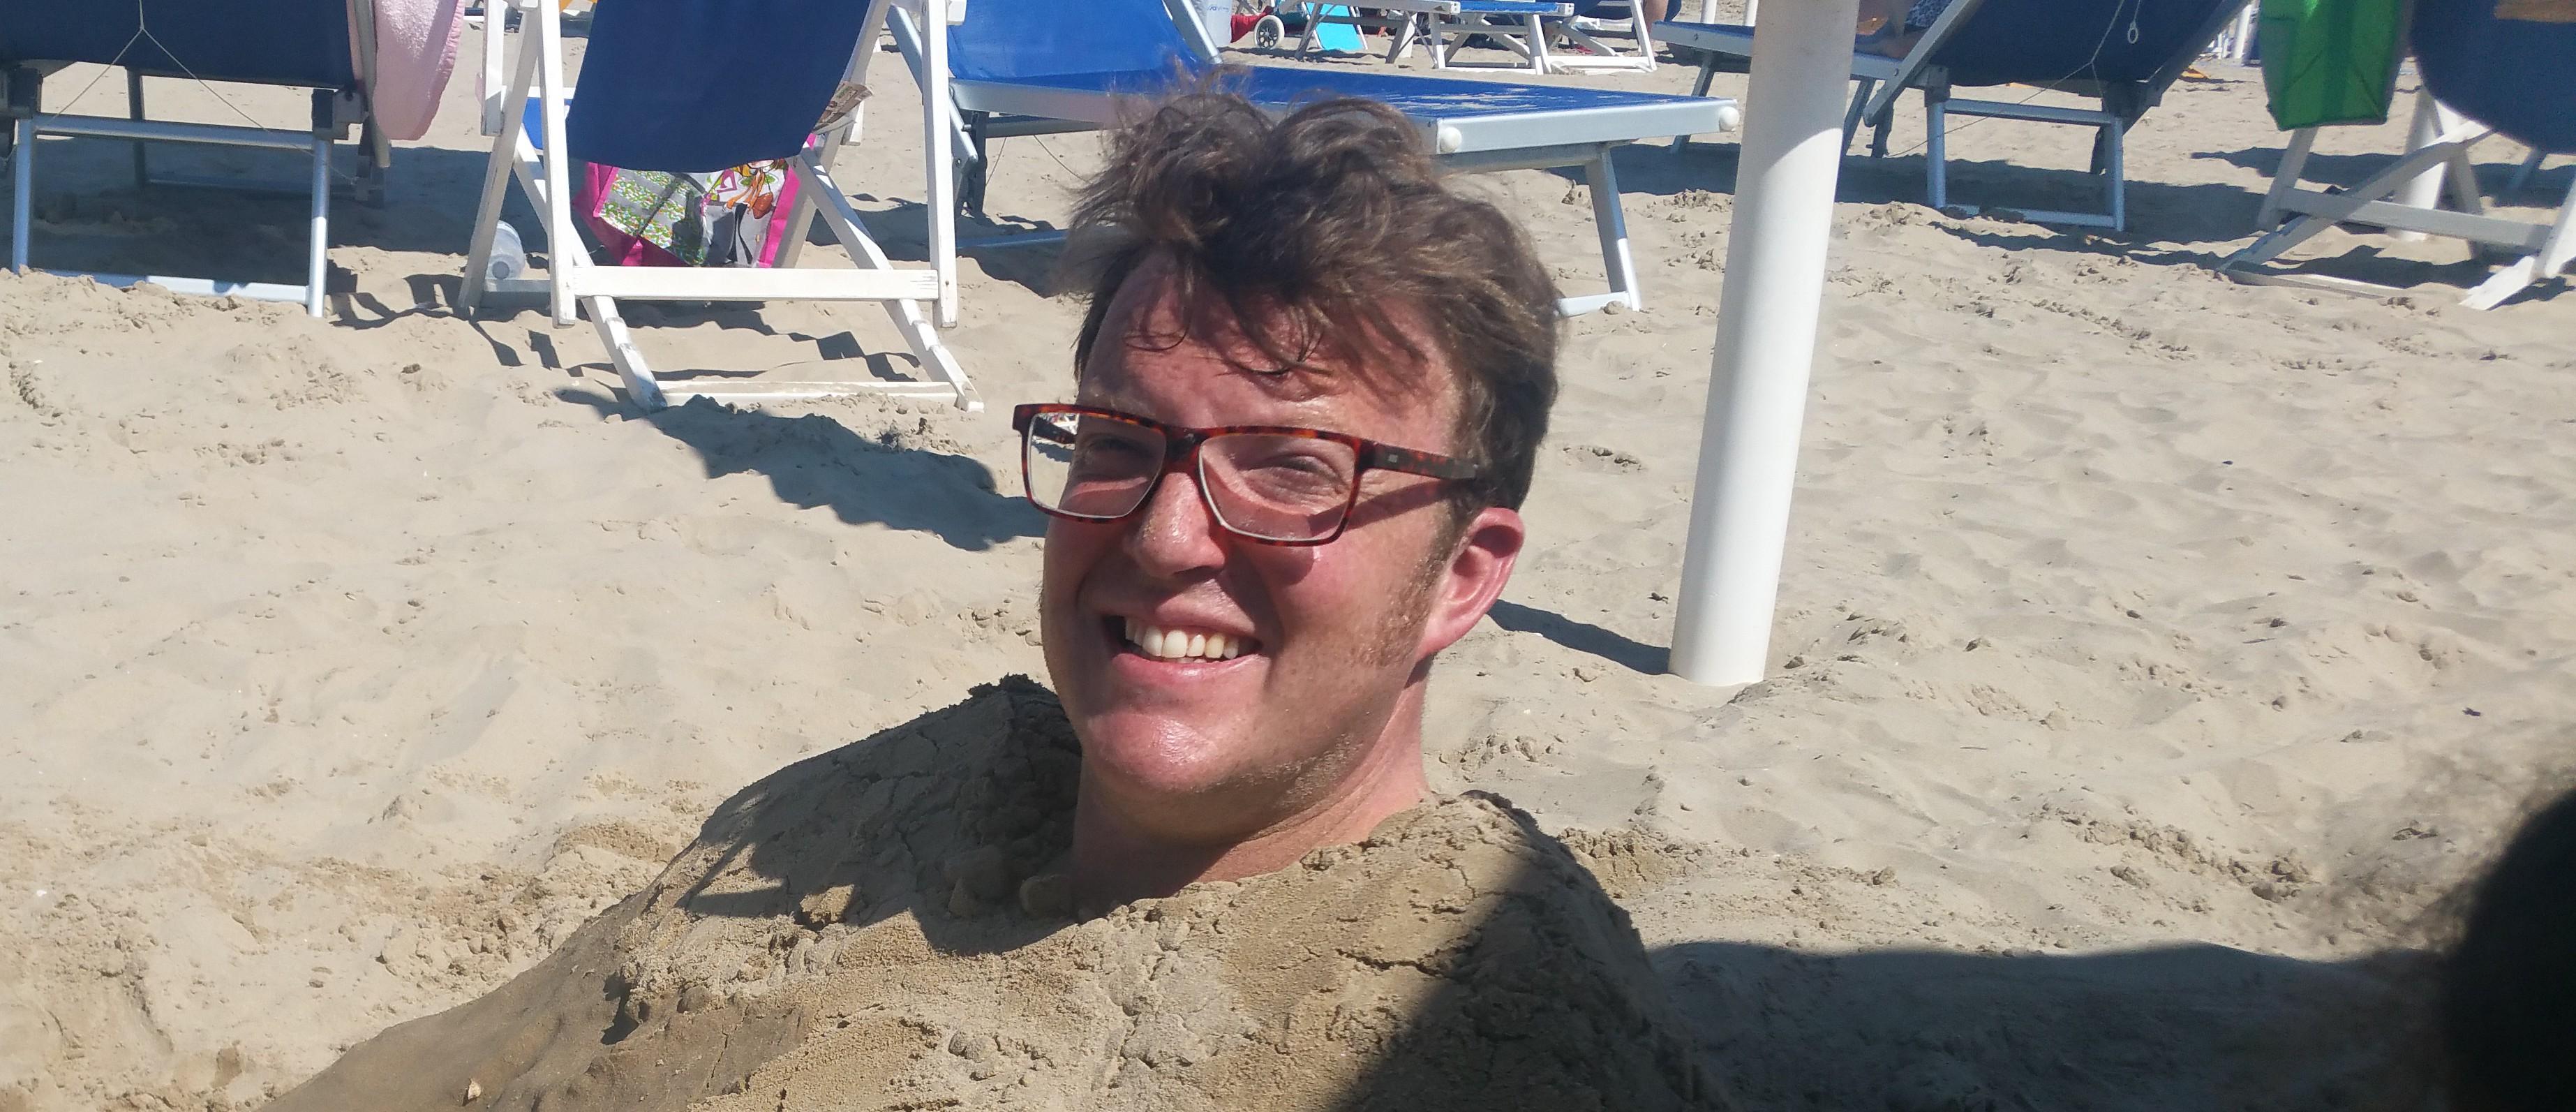 Matt Shearer in the sand, Italy